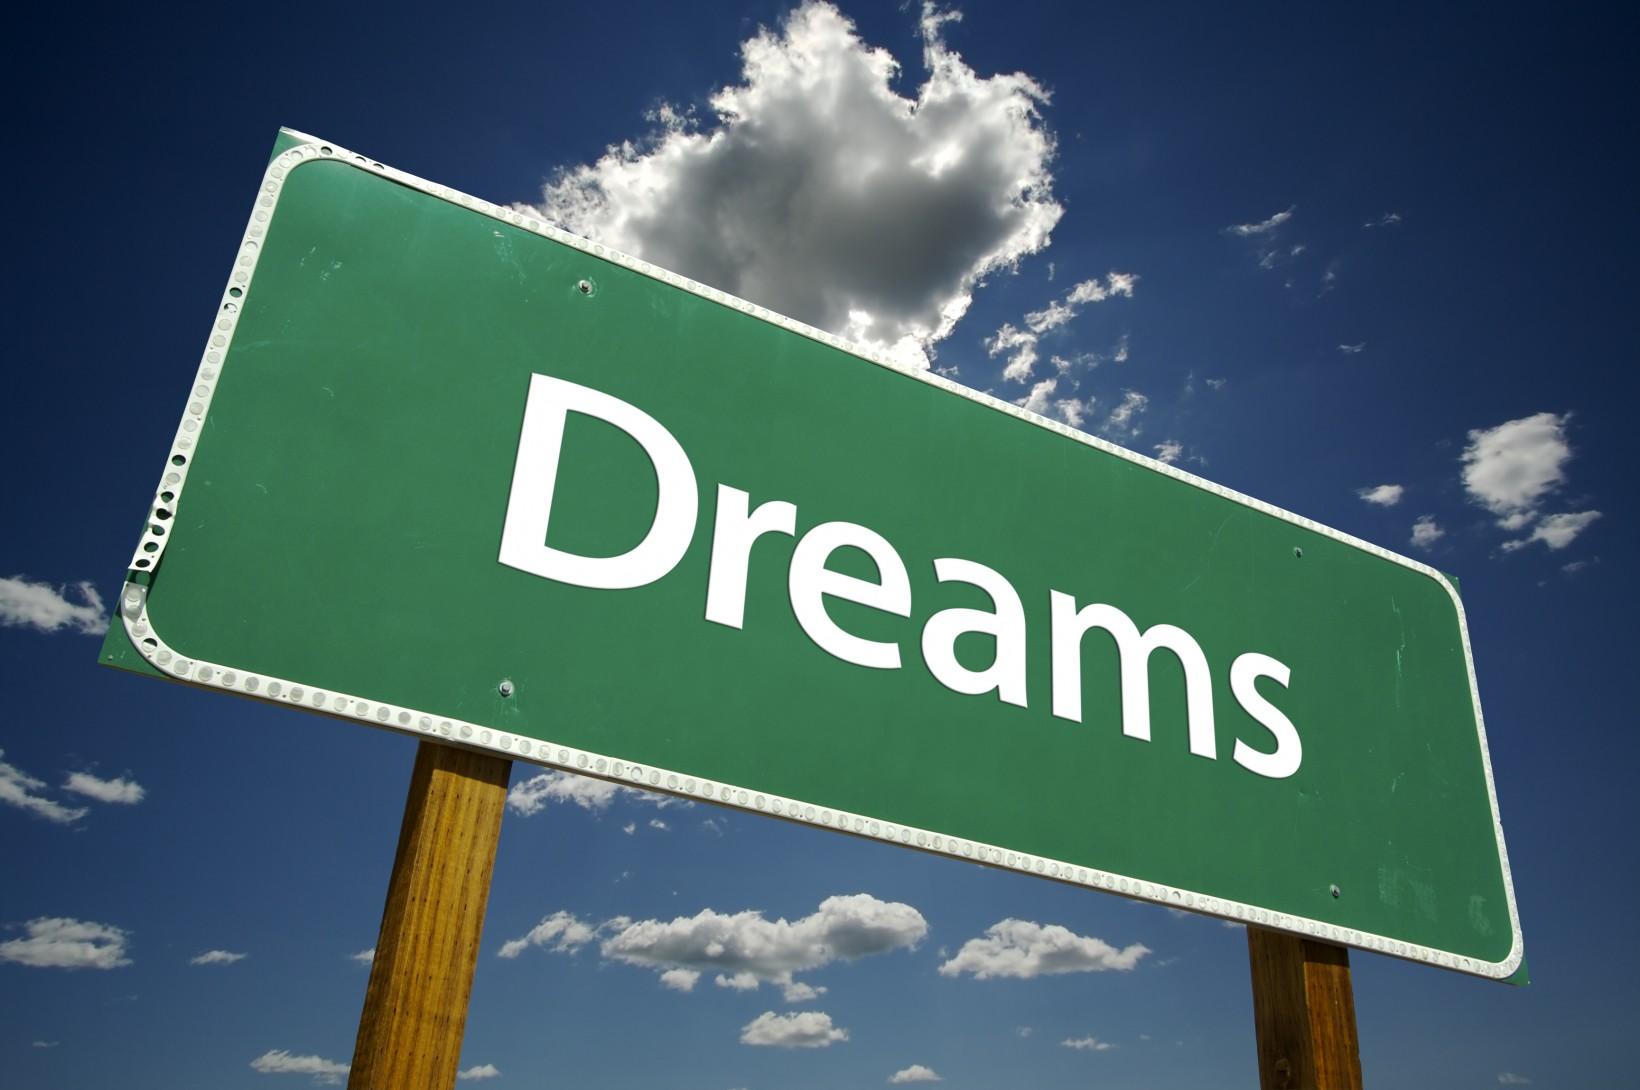 Αποτέλεσμα εικόνας για dreams